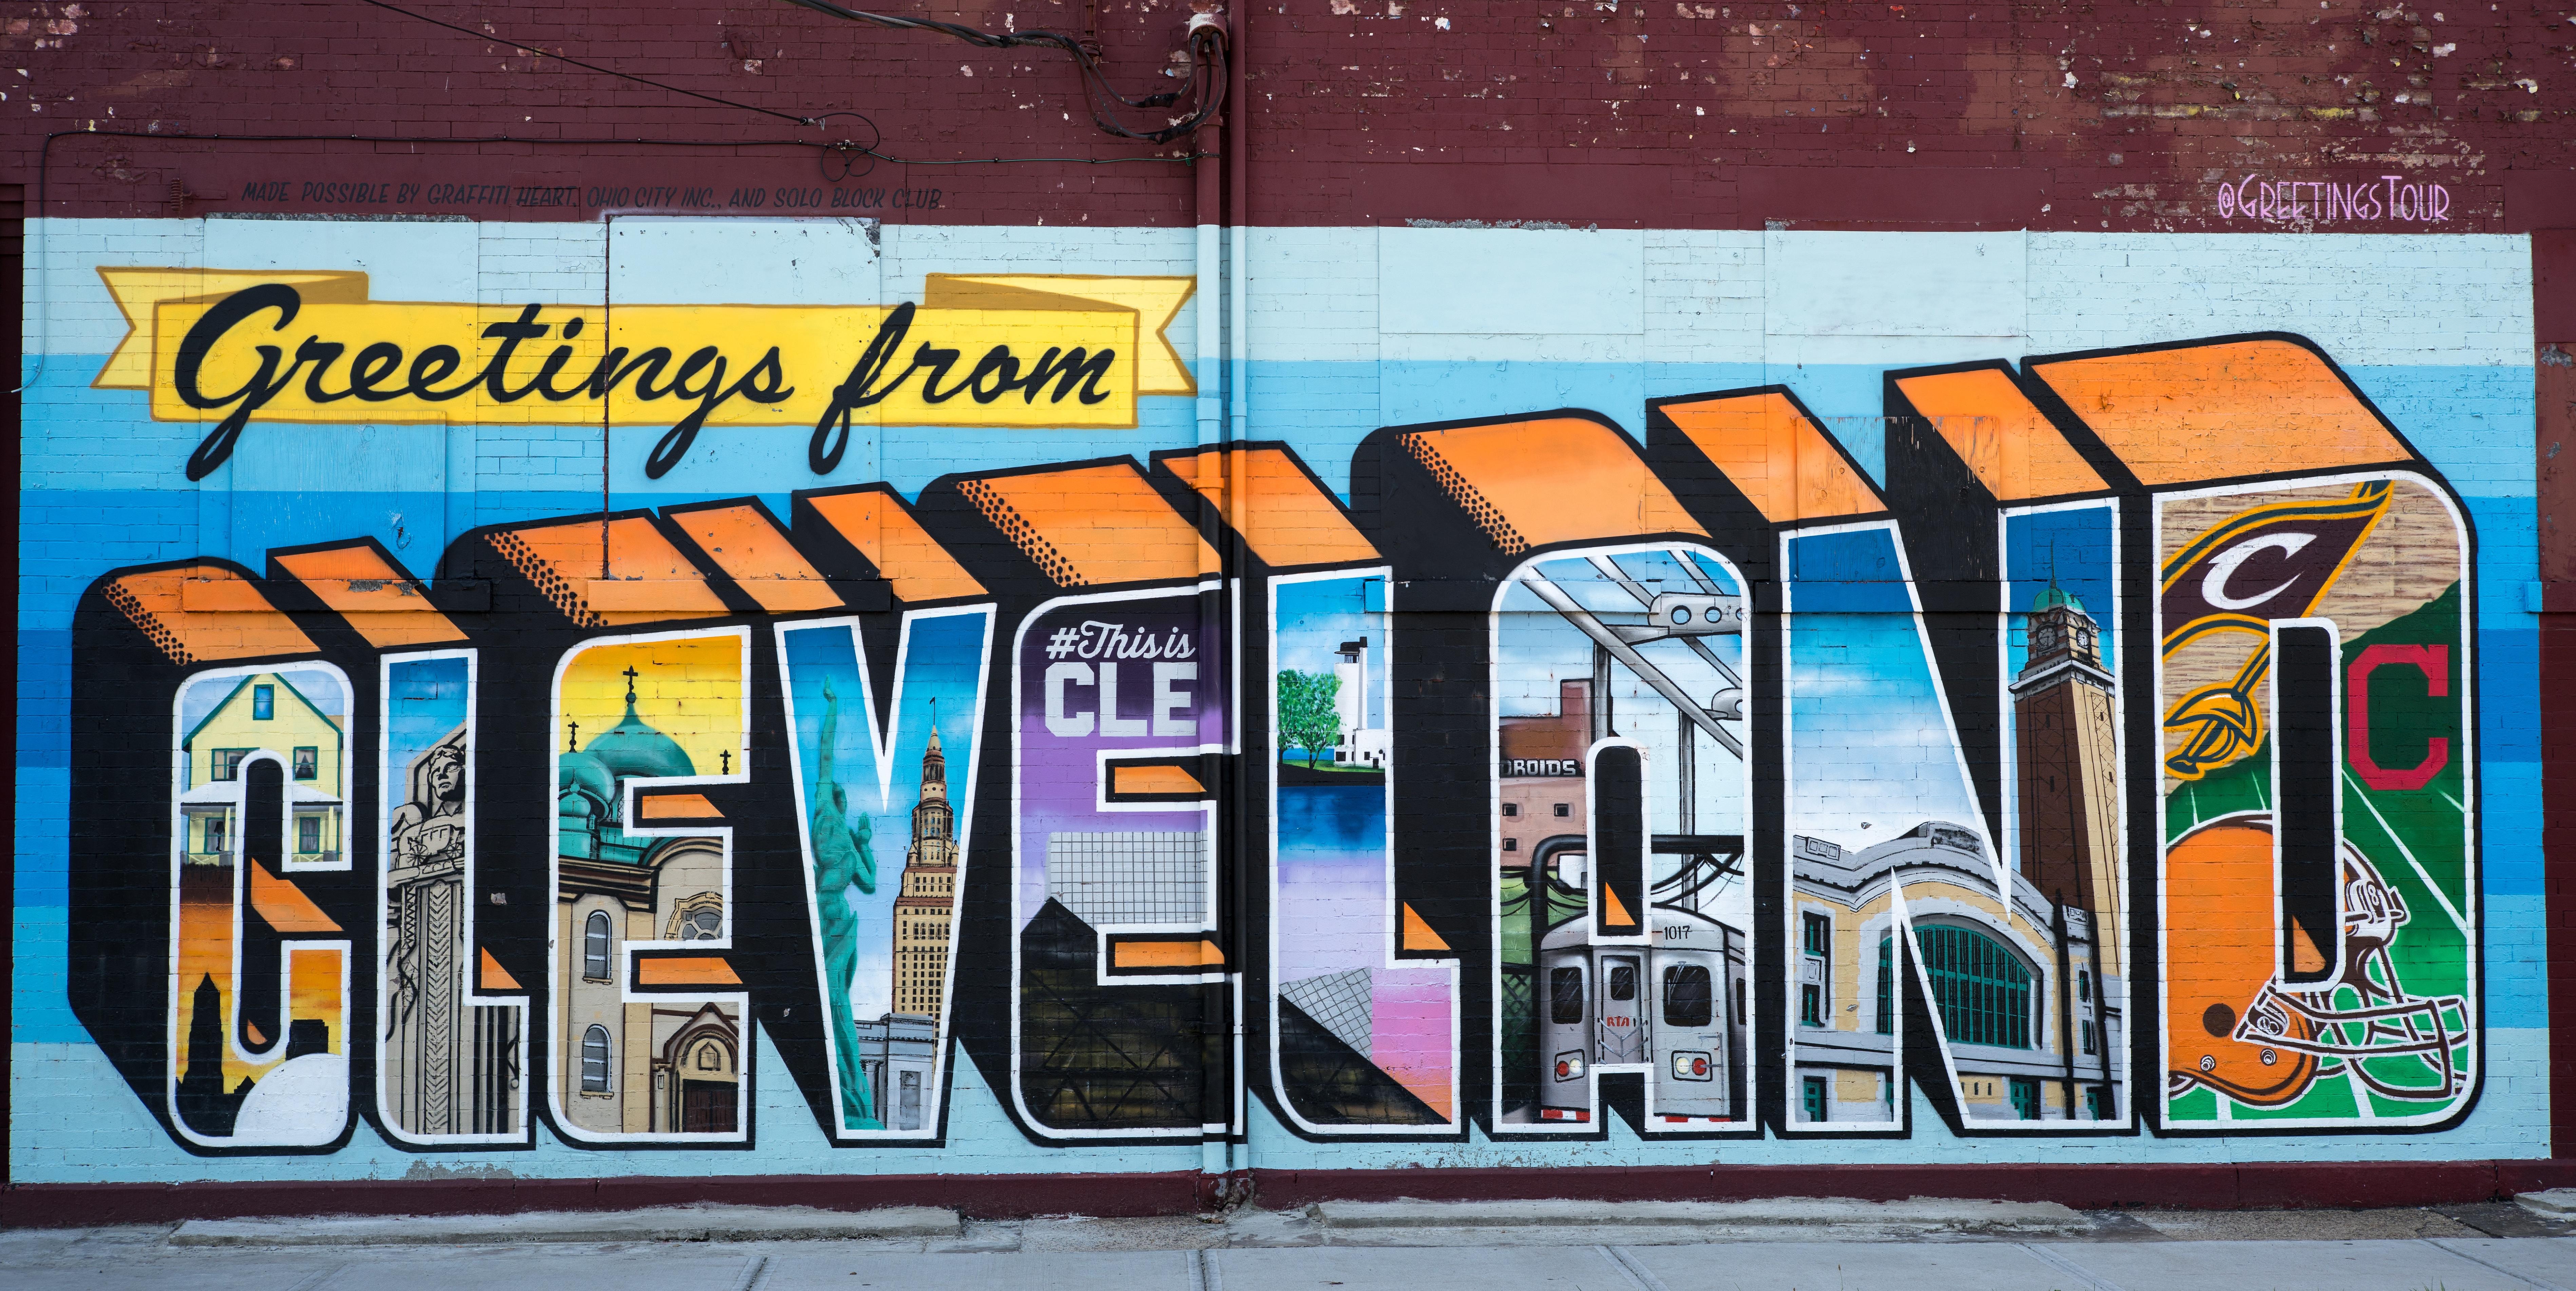 Image of Street Art in Ohio City